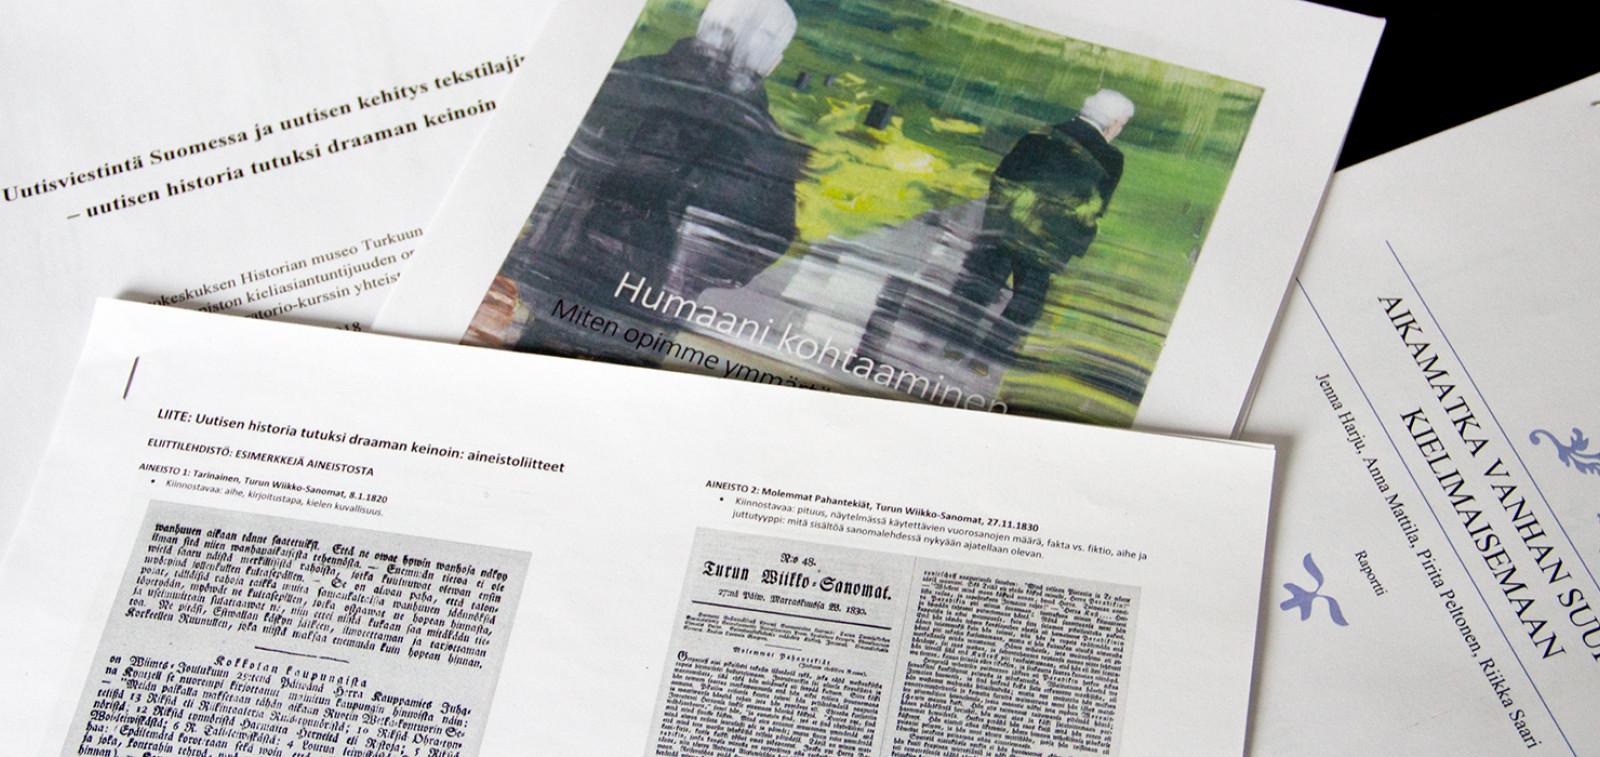 Yliopiston projektikurssin ja Museokeskuksen yhteistyö poiki monia ideoita